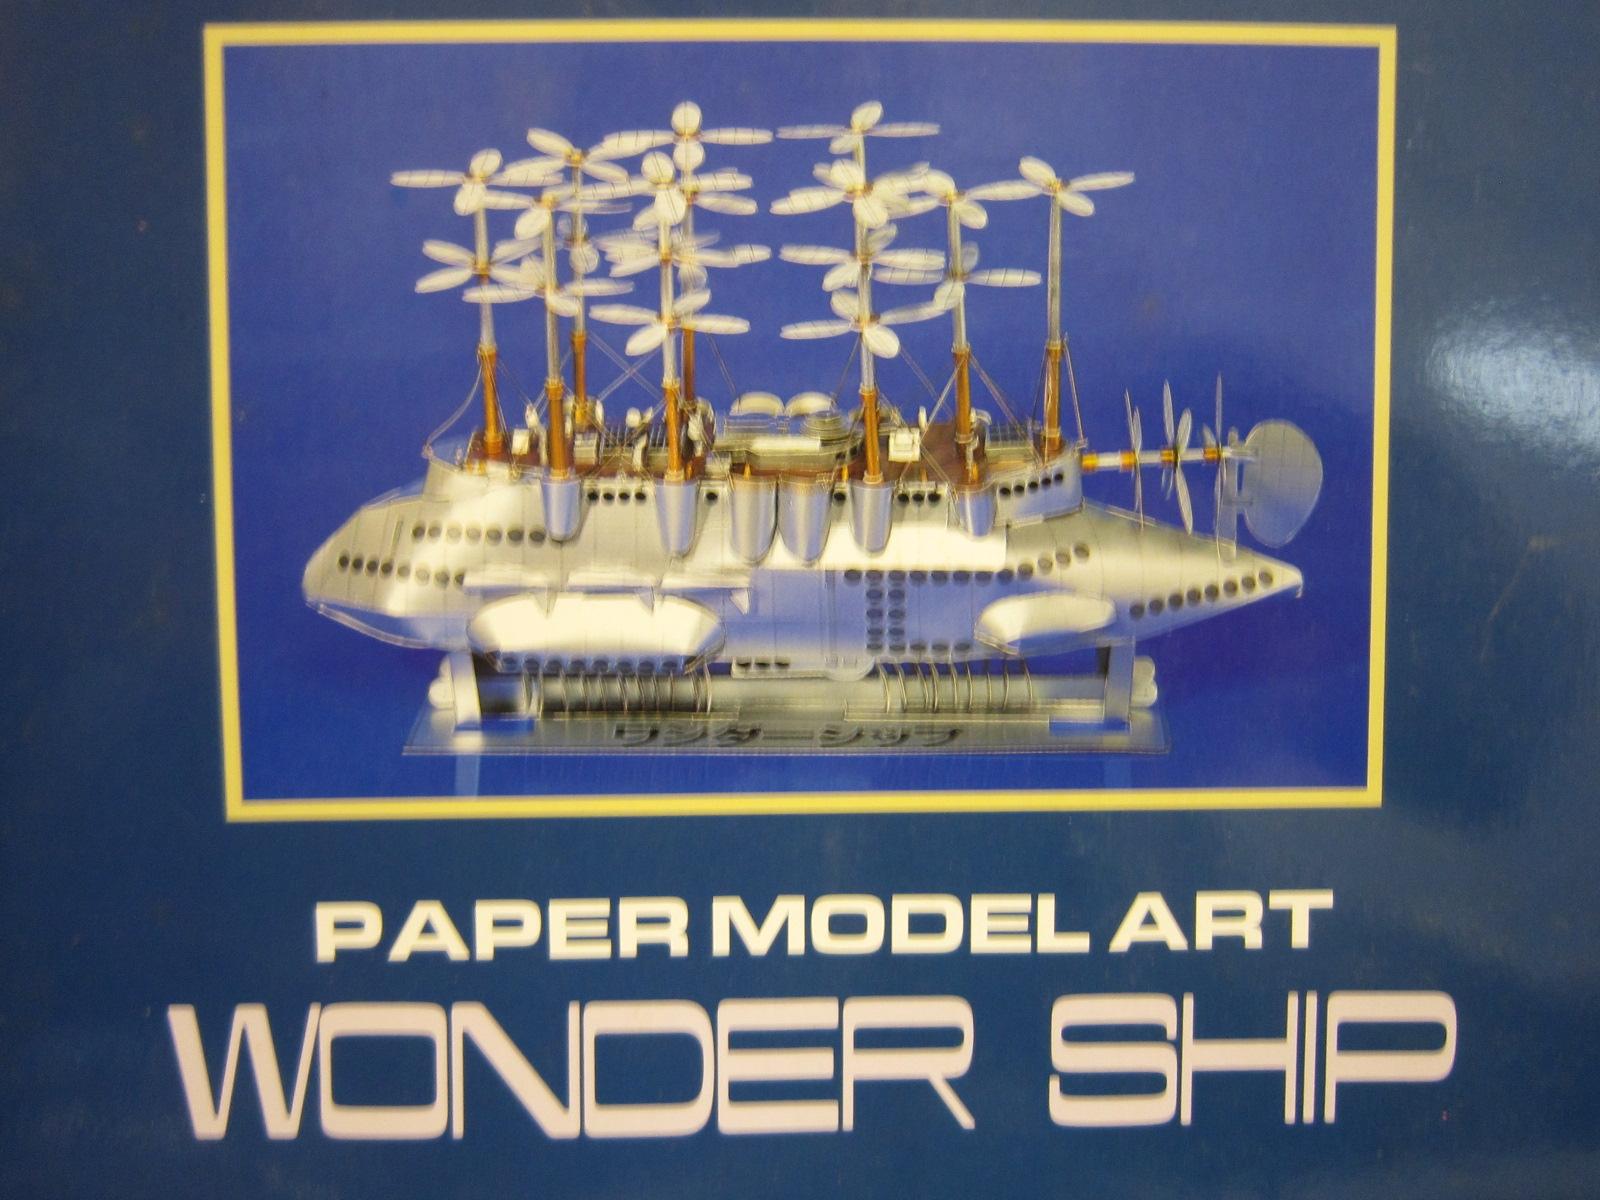 宮崎駿監督がデザインを手がけたTVCMの飛行船「ワンダー・シップ号」